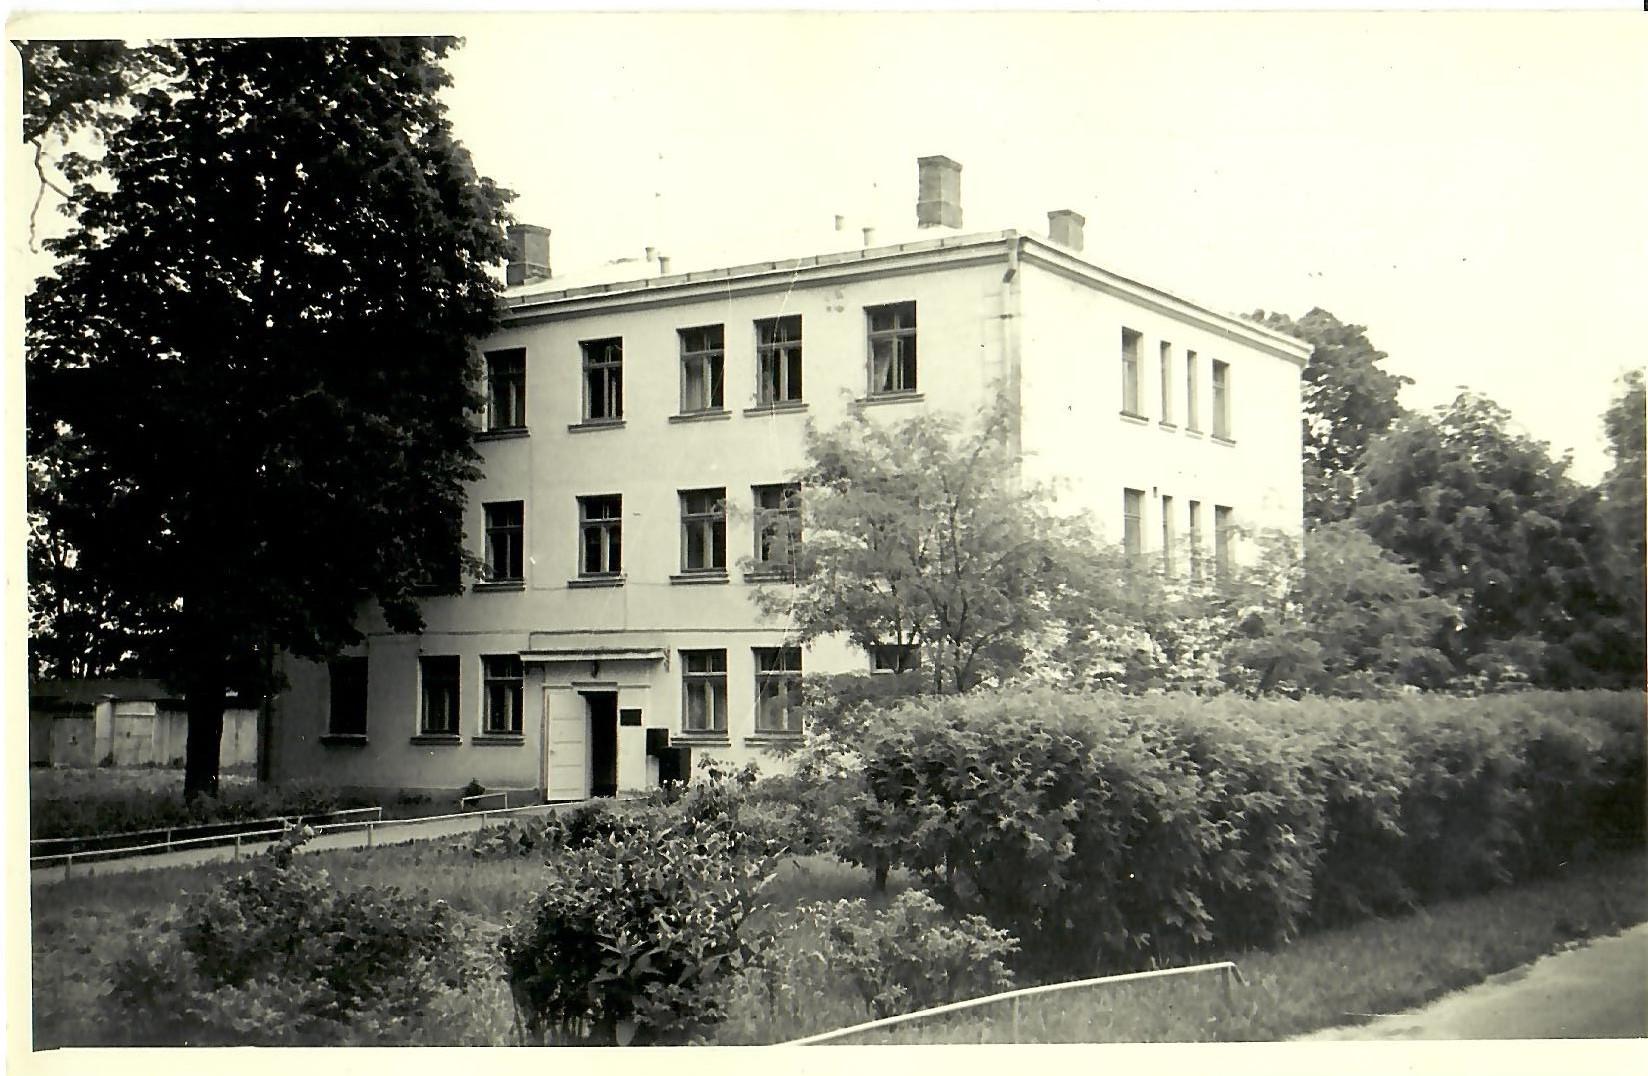 Neredzīgo Biedrības centrālās valdes ēka 1972.gadā (Foto no V.Kārkliņa arhīva)